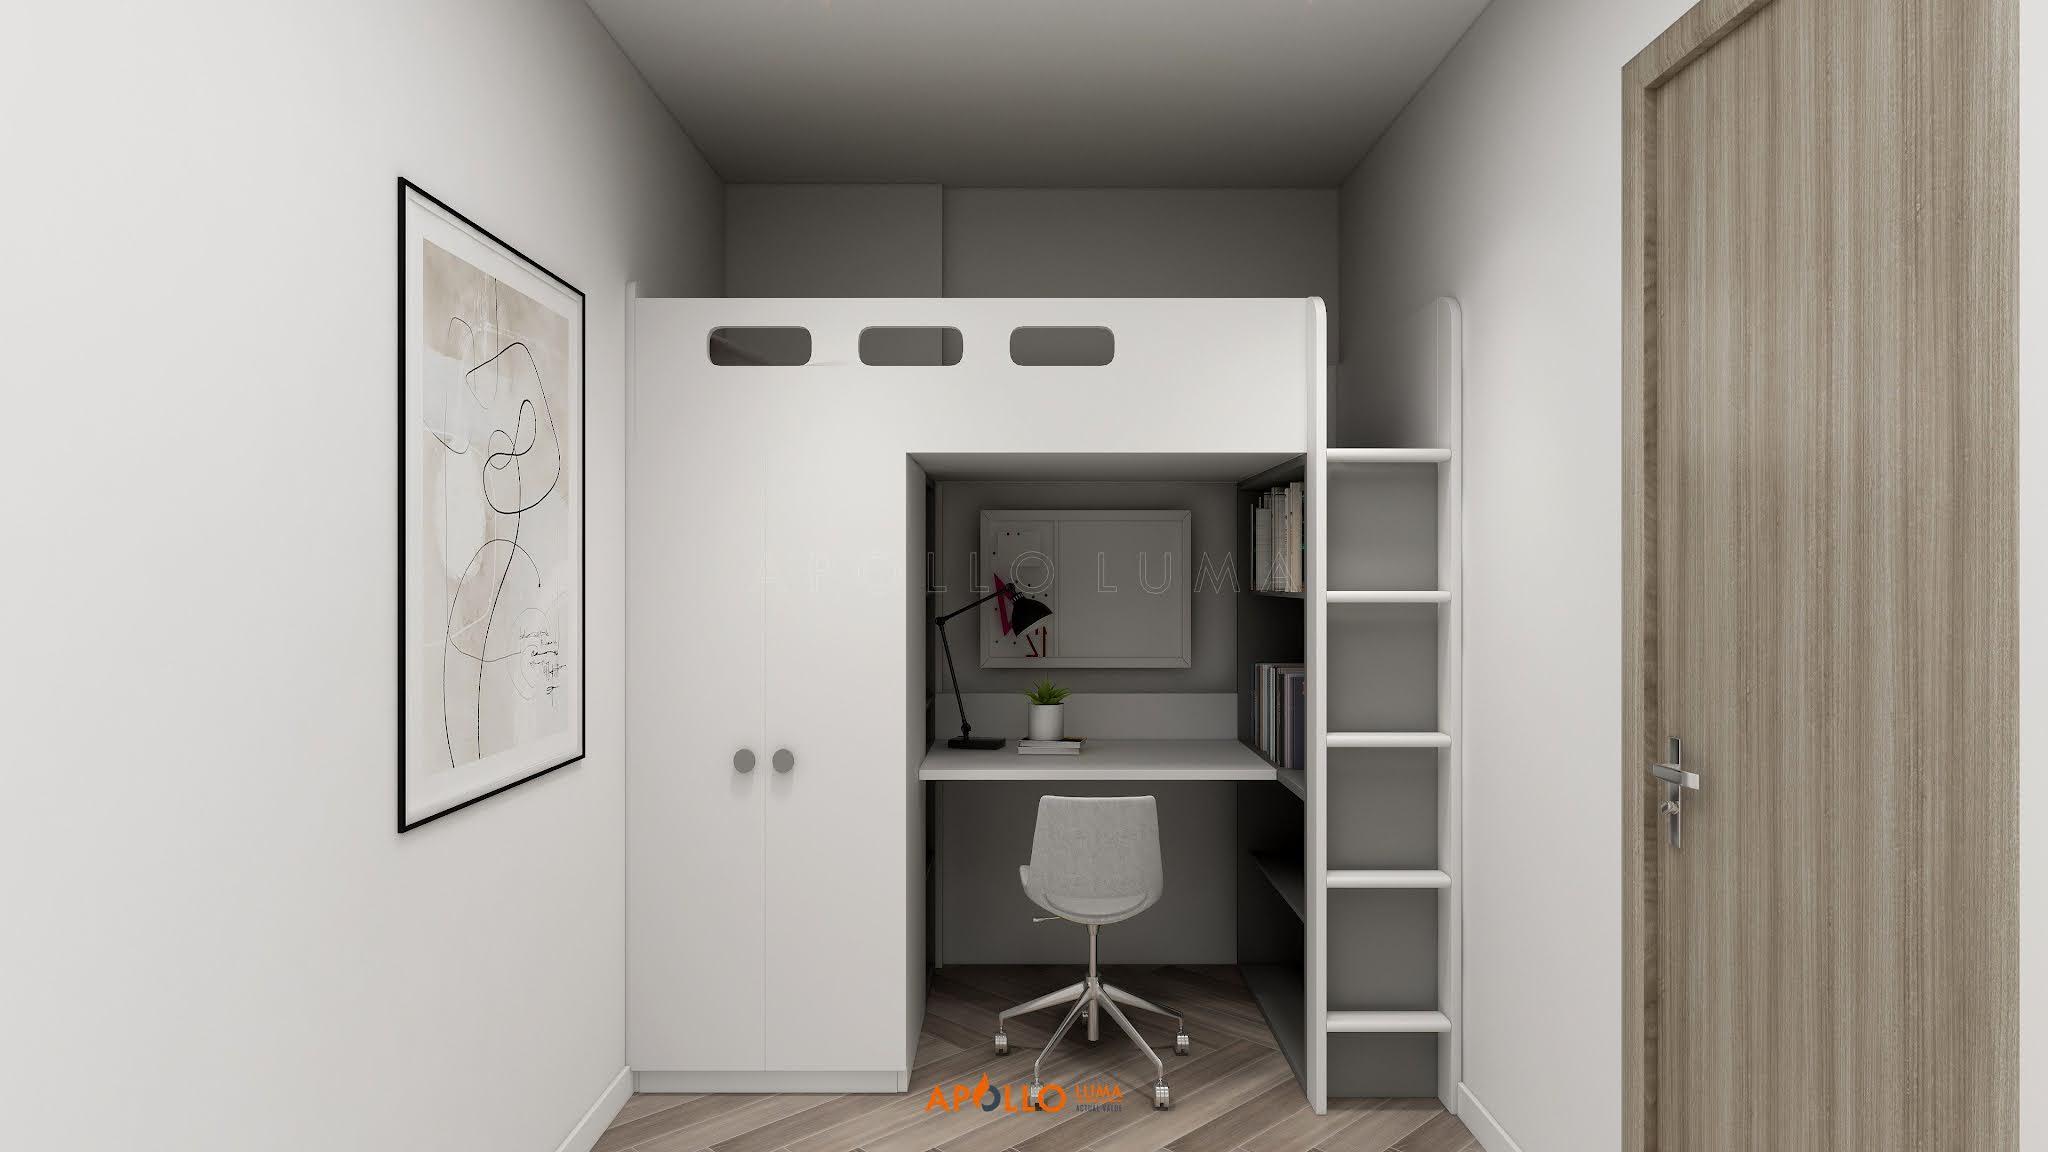 Thiết kế nội thất căn hộ 1PN+1 (43m2) S2.12-02 Vinhomes Ocean Park Gia Lâm